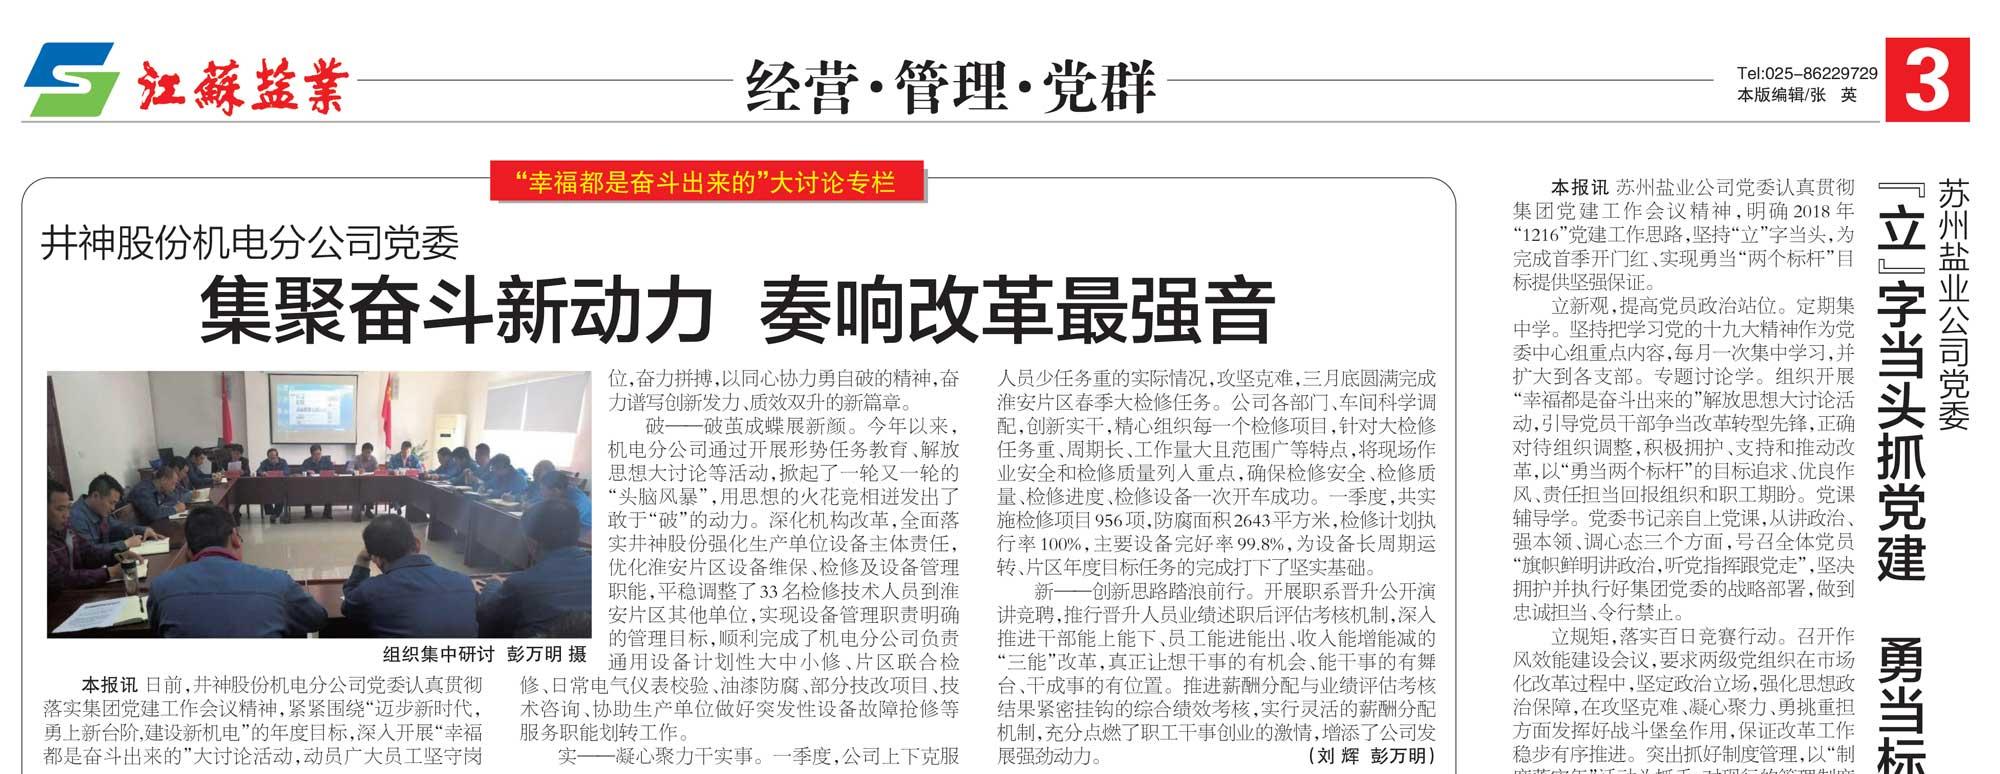 2018 江苏千亿国际报(第 8 期)